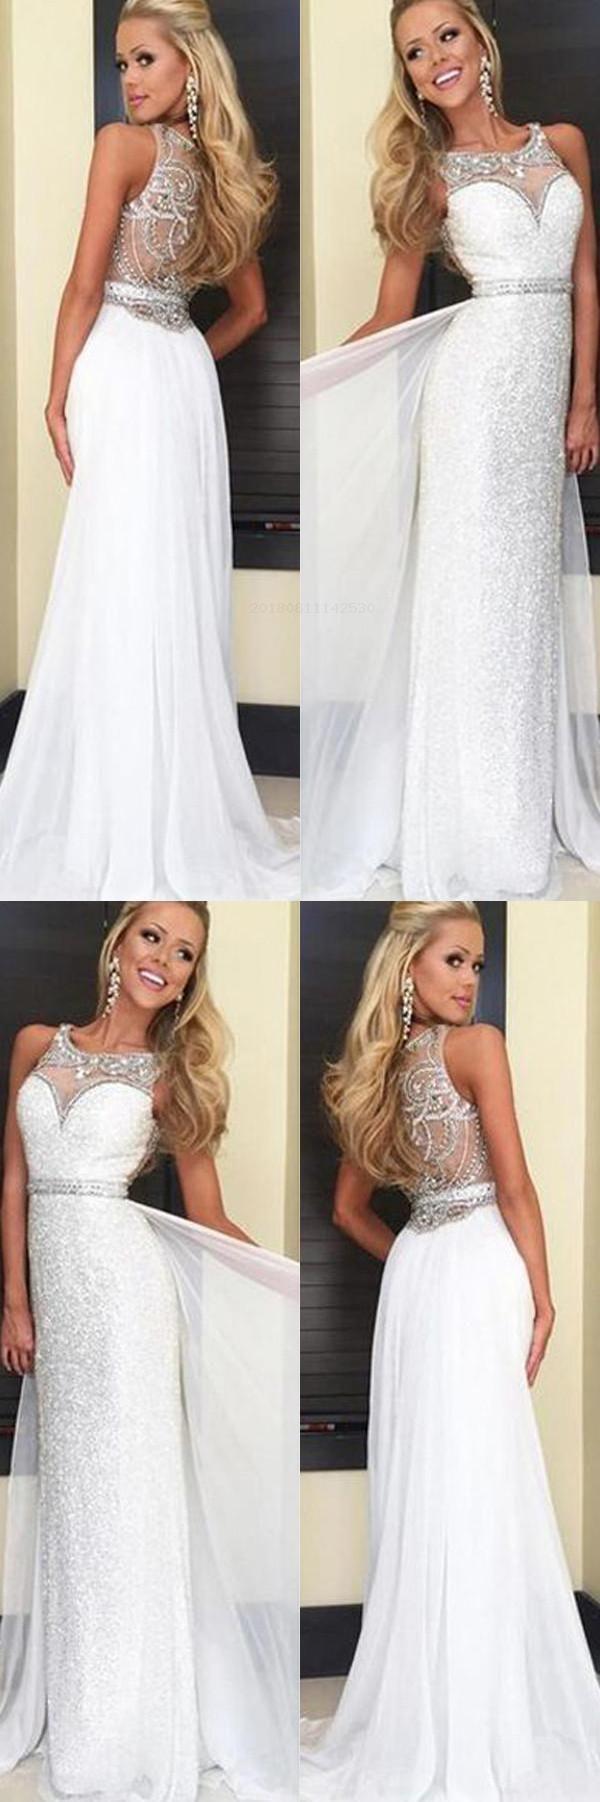 的 custom made vogue white chiffon long 主题 prom dresses